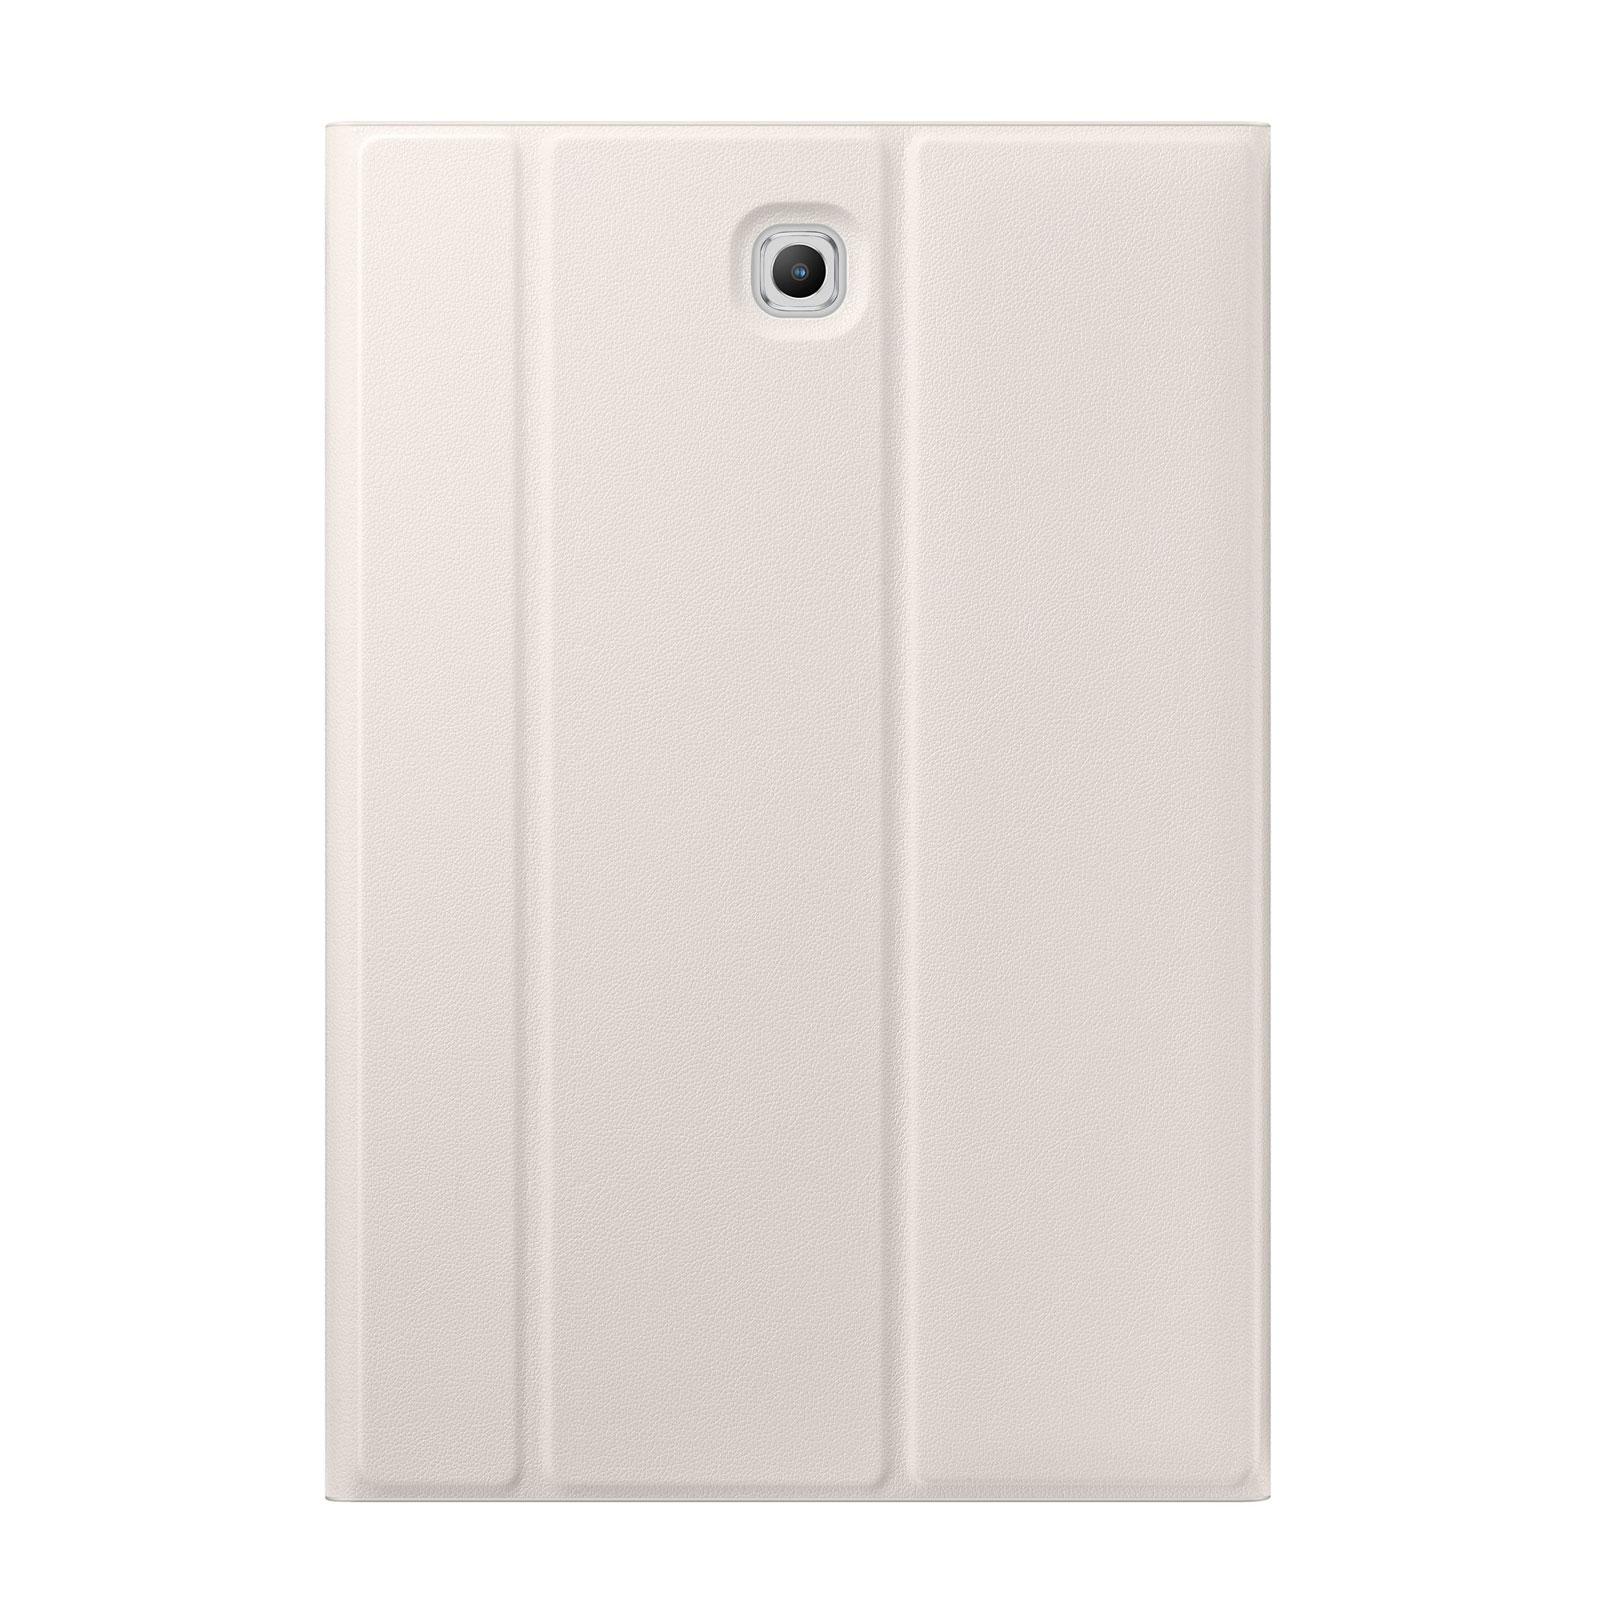 """Samsung Book cover blanc Galaxy Tab S2 8""""  (EF-BT710PWEGWW) - Achat / Vente Accessoire Tablette sur Cybertek.fr - 1"""